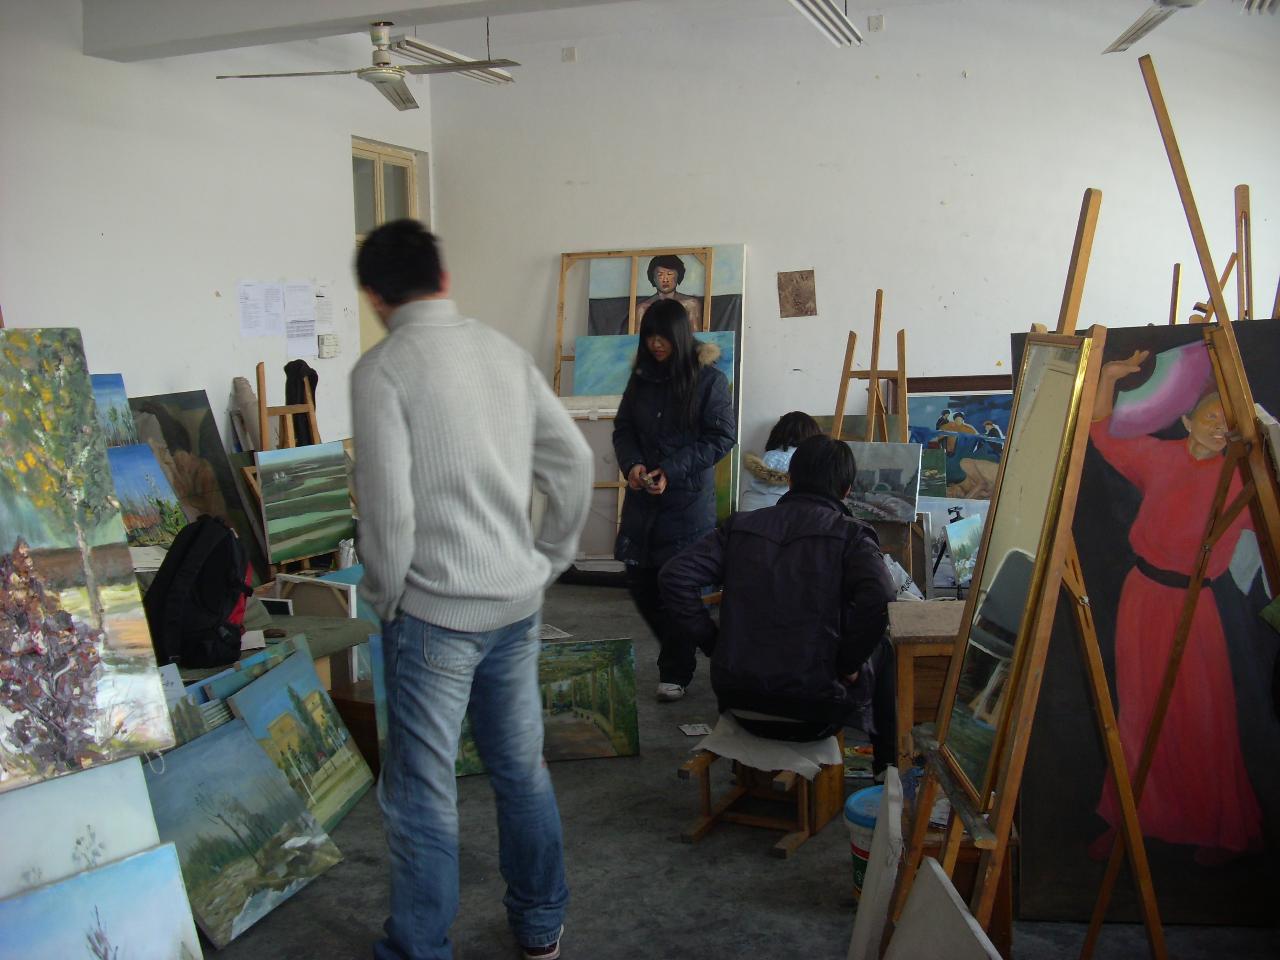 光山中央美术学院五画室